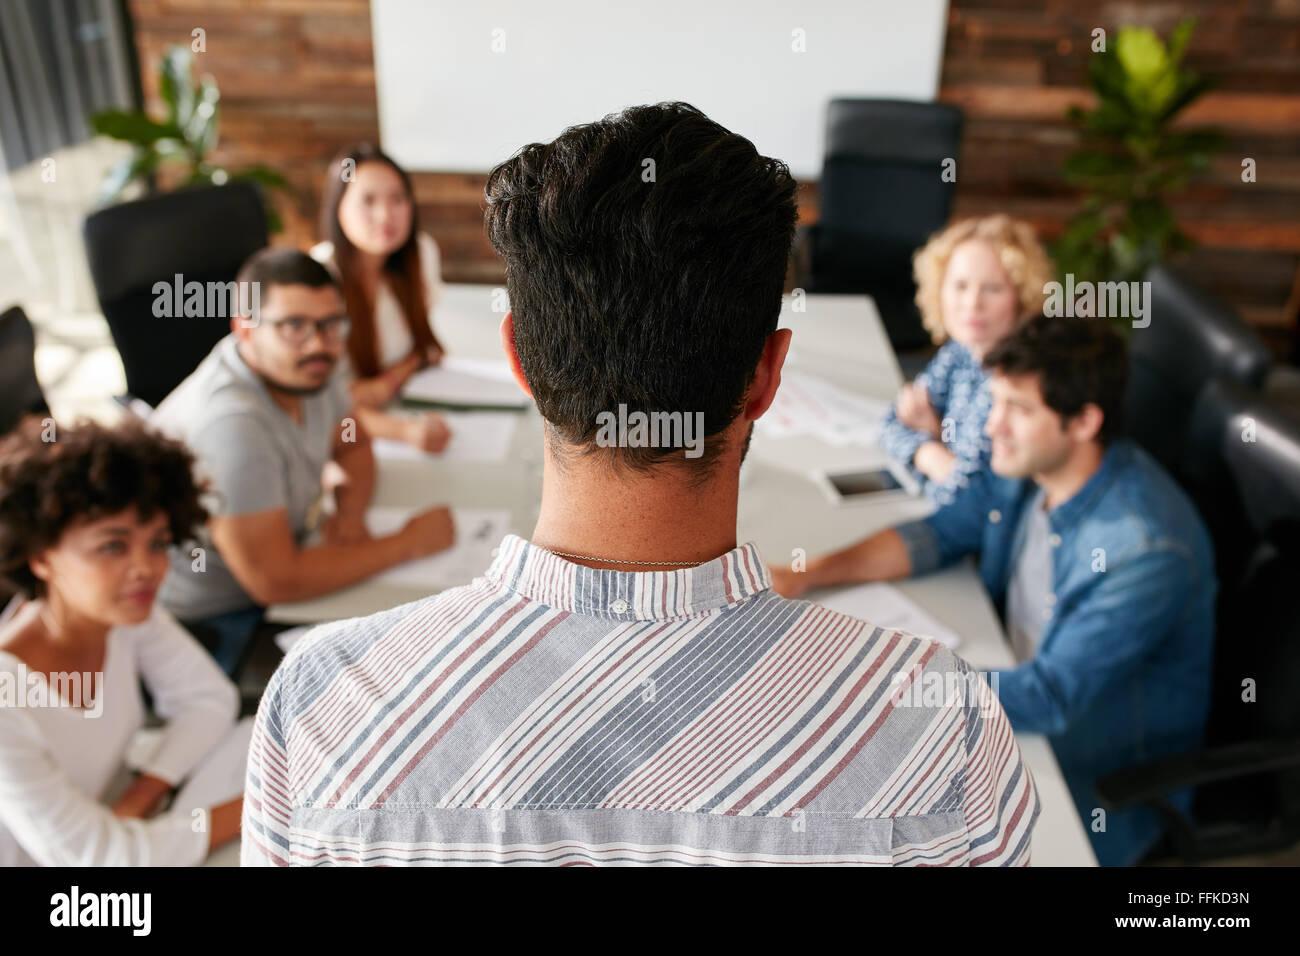 Vista trasera del retrato del hombre dando presentación del negocio a los colegas en la sala. Los jóvenes Imagen De Stock